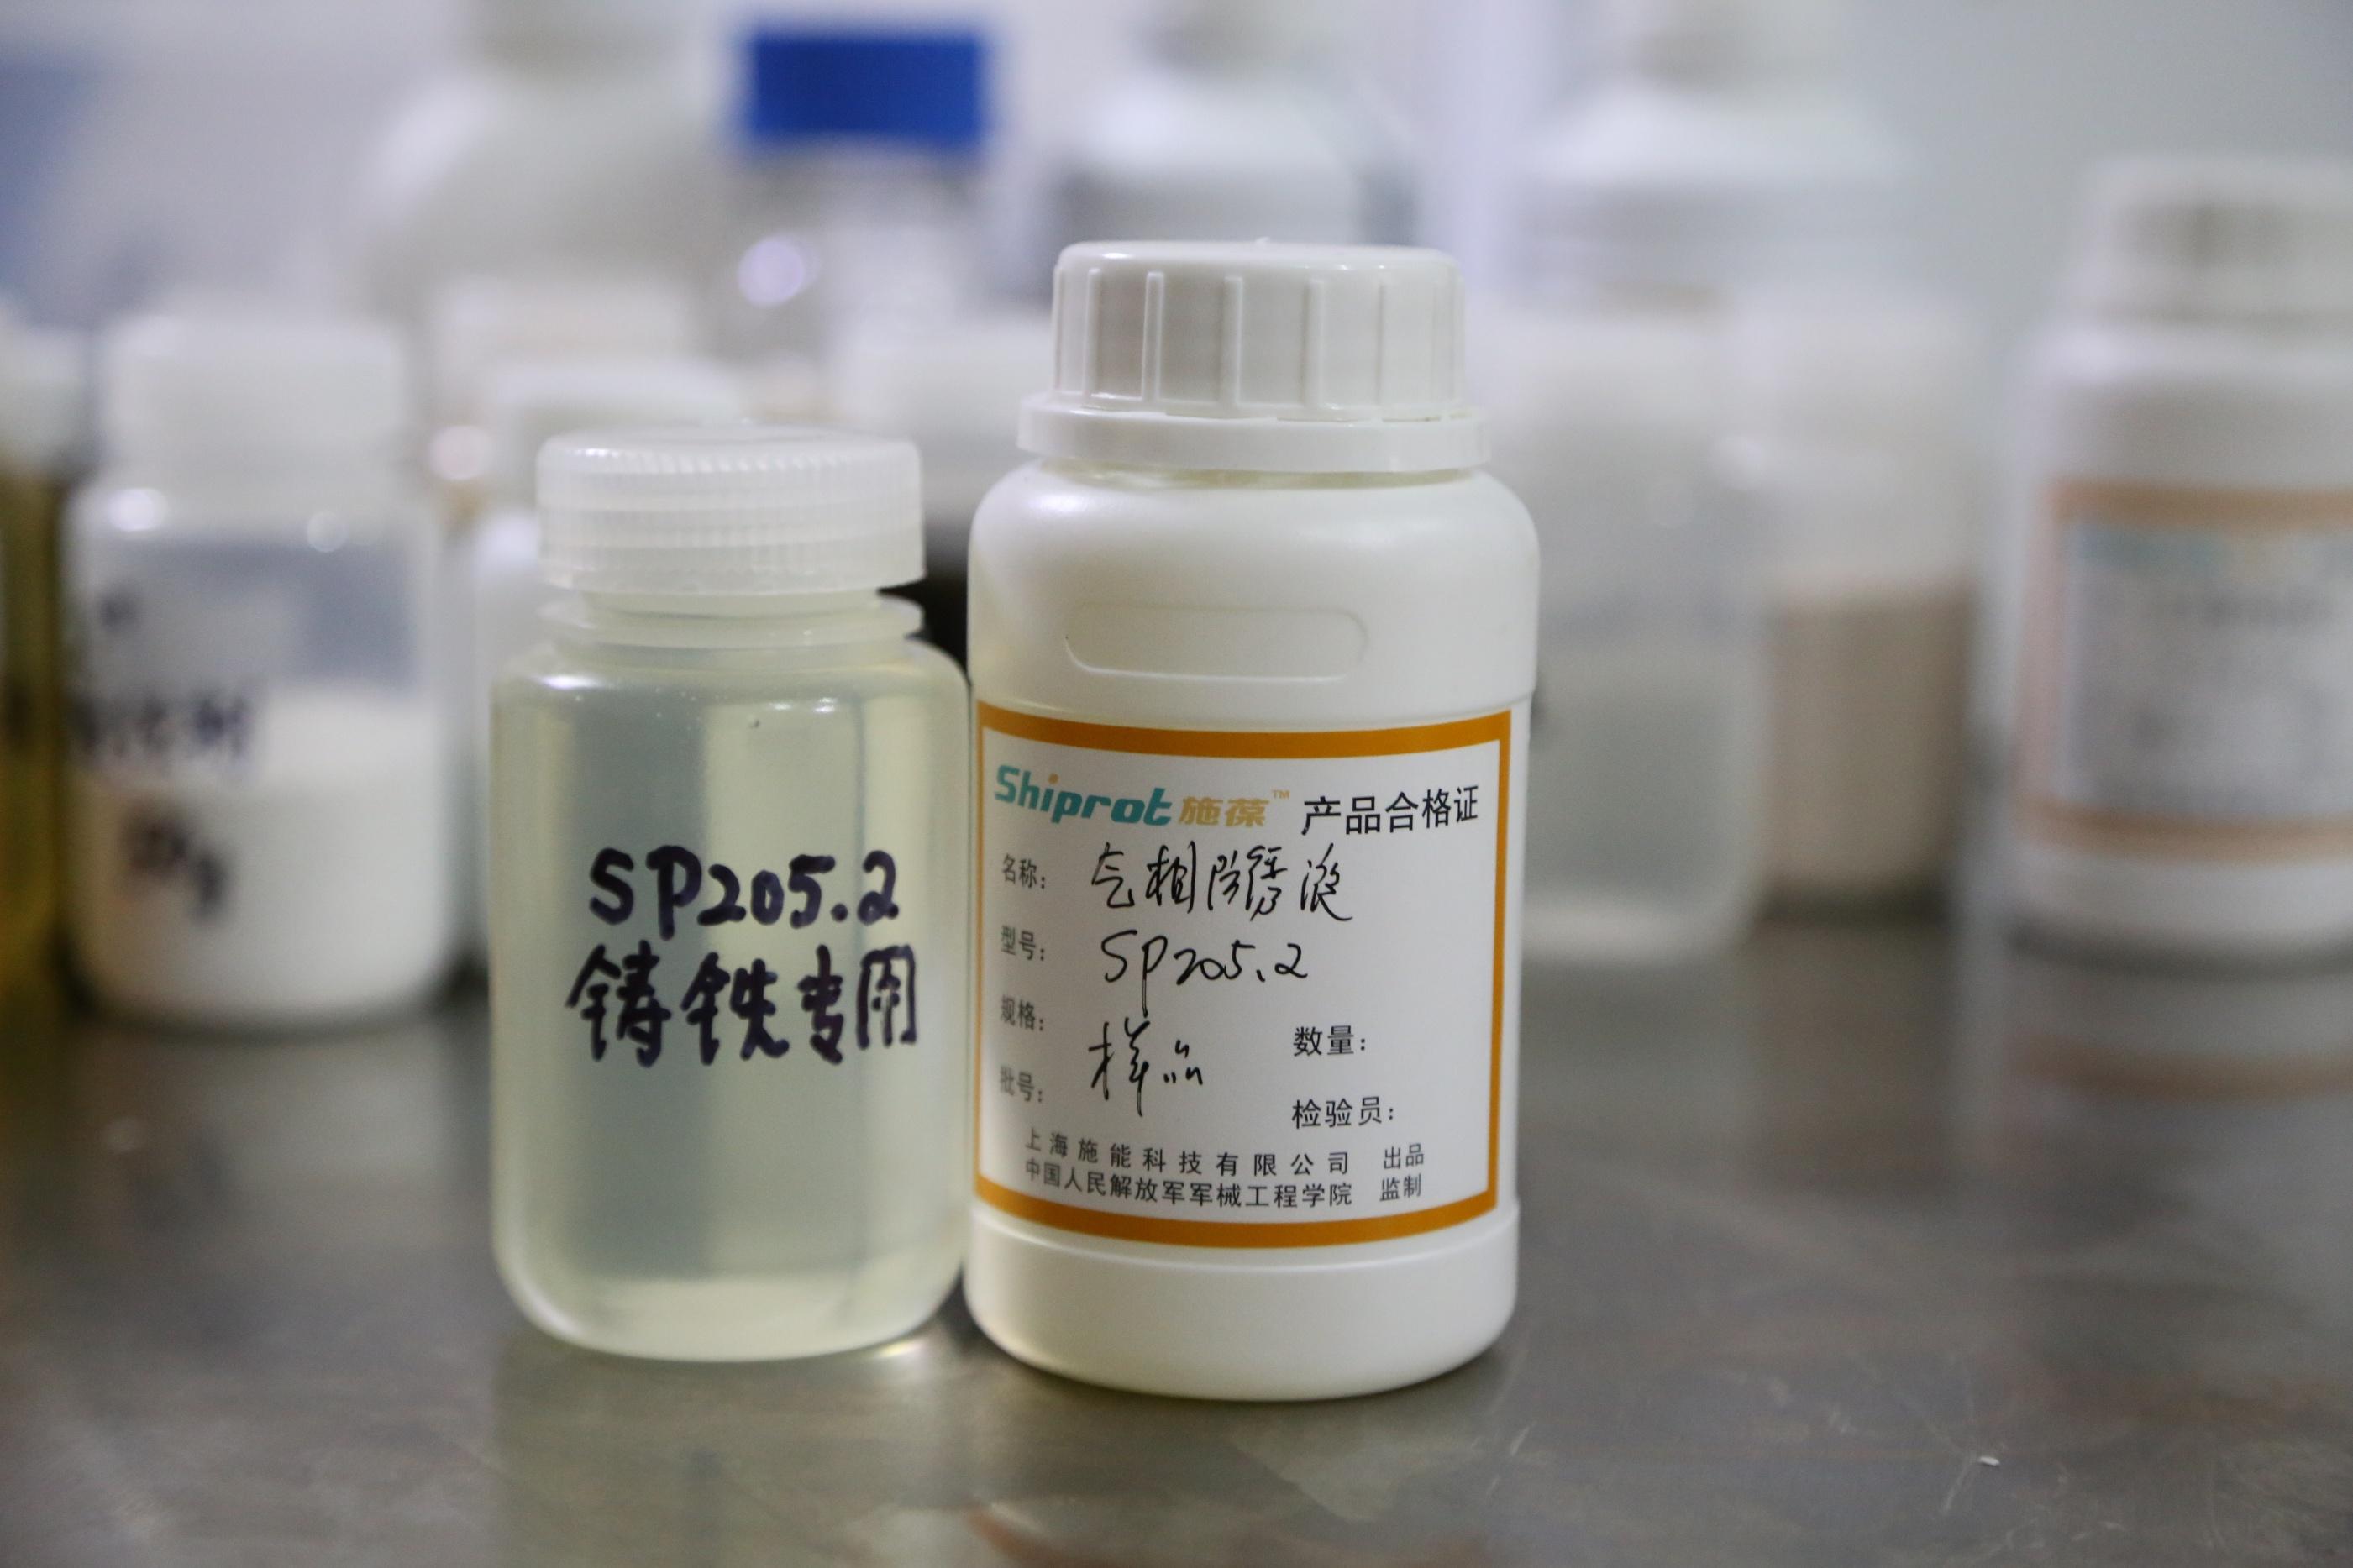 SP205.2 黑金属专用气相防锈液